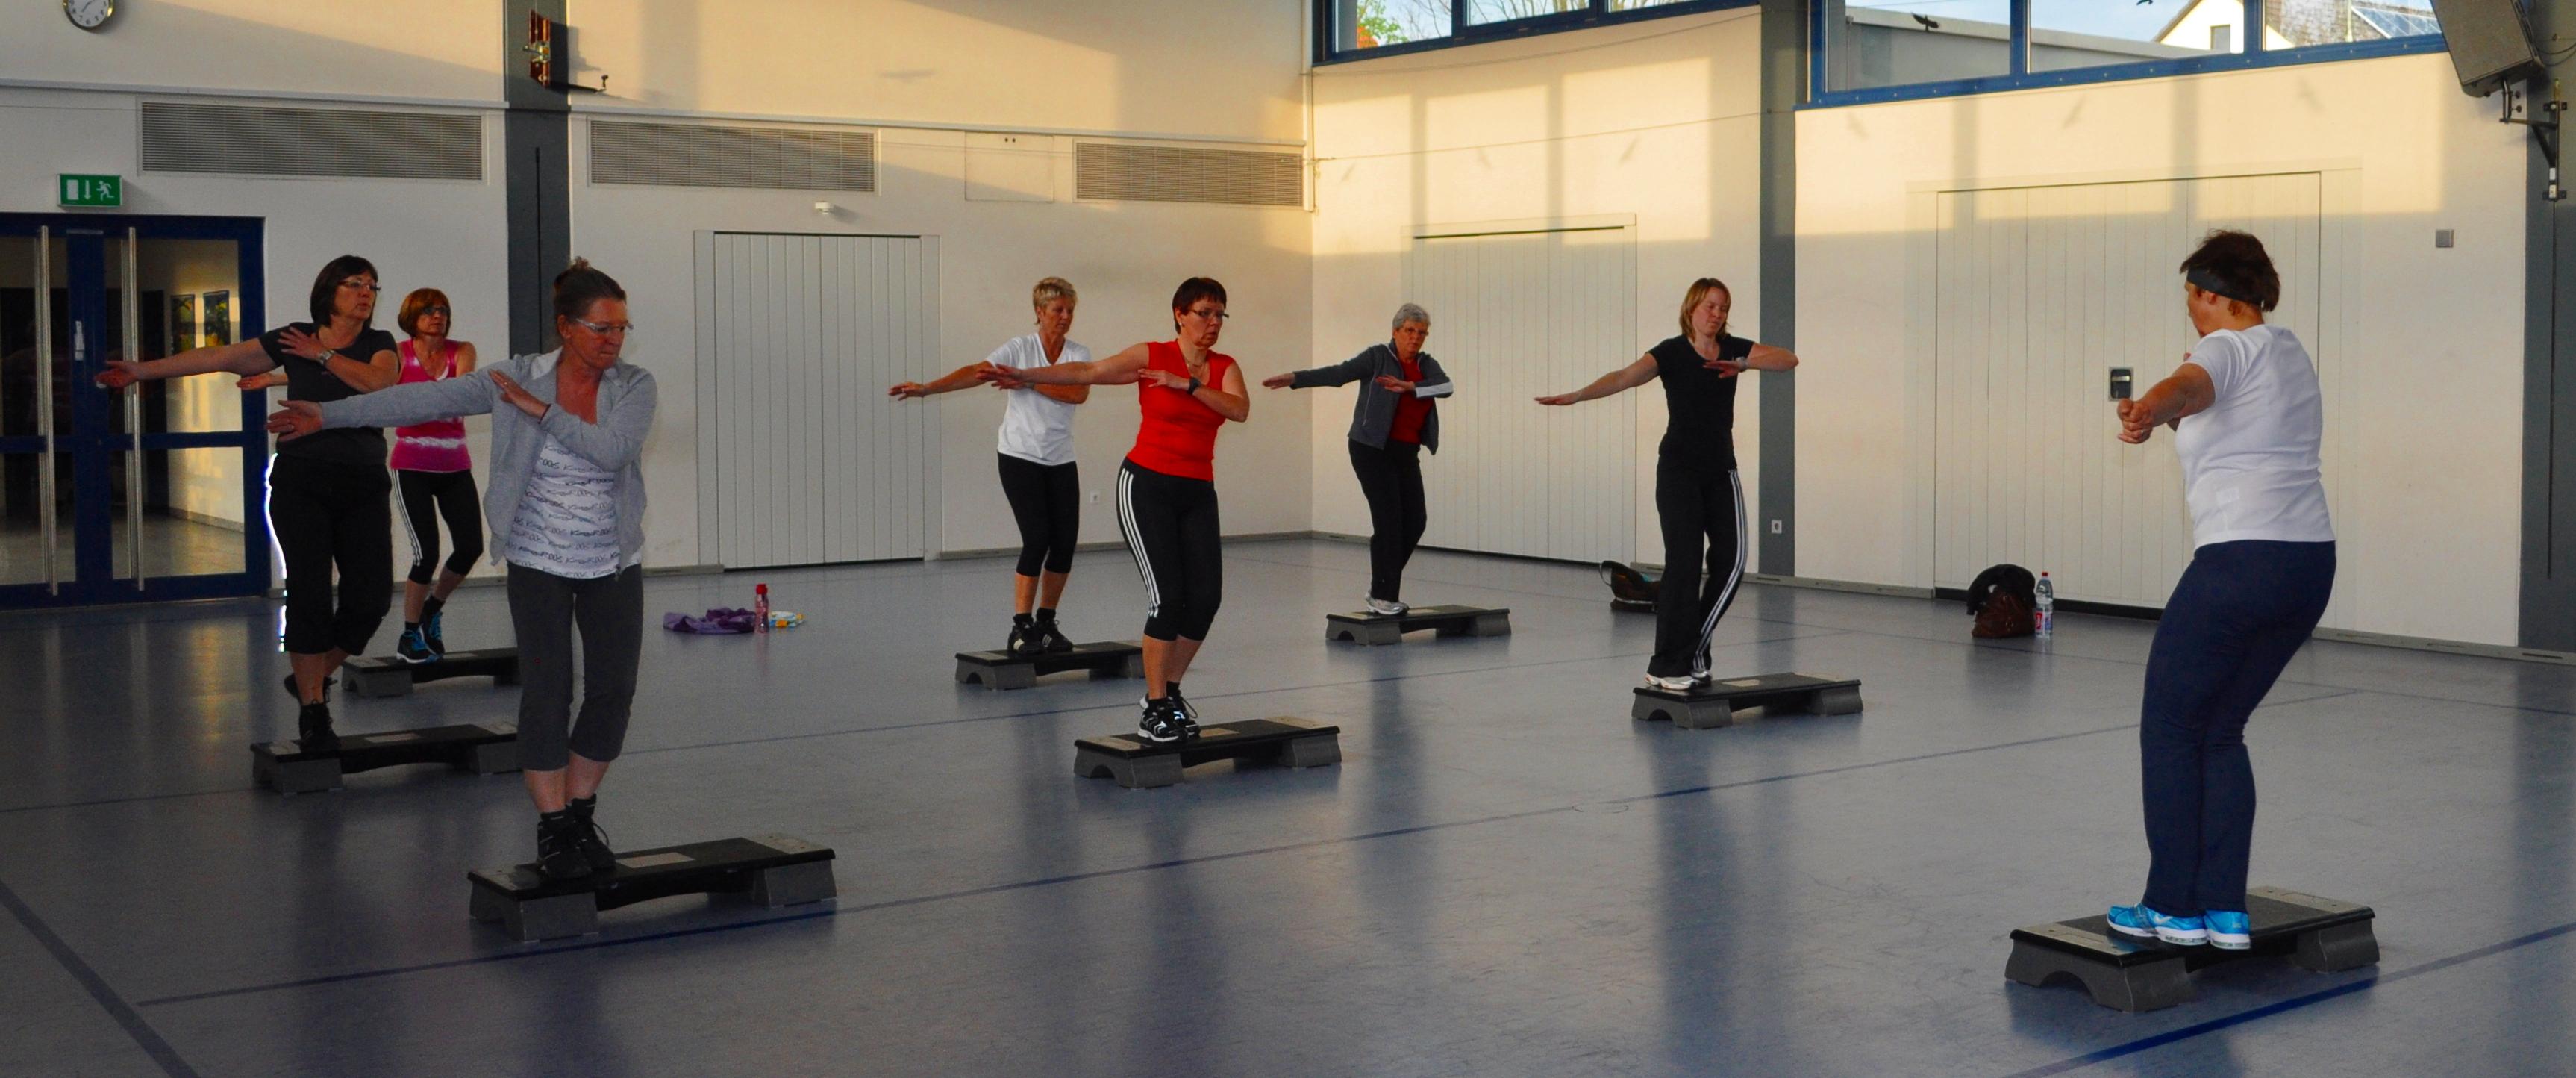 Step-Aerobic am Dienstagabend in der Mehrzweckhalle